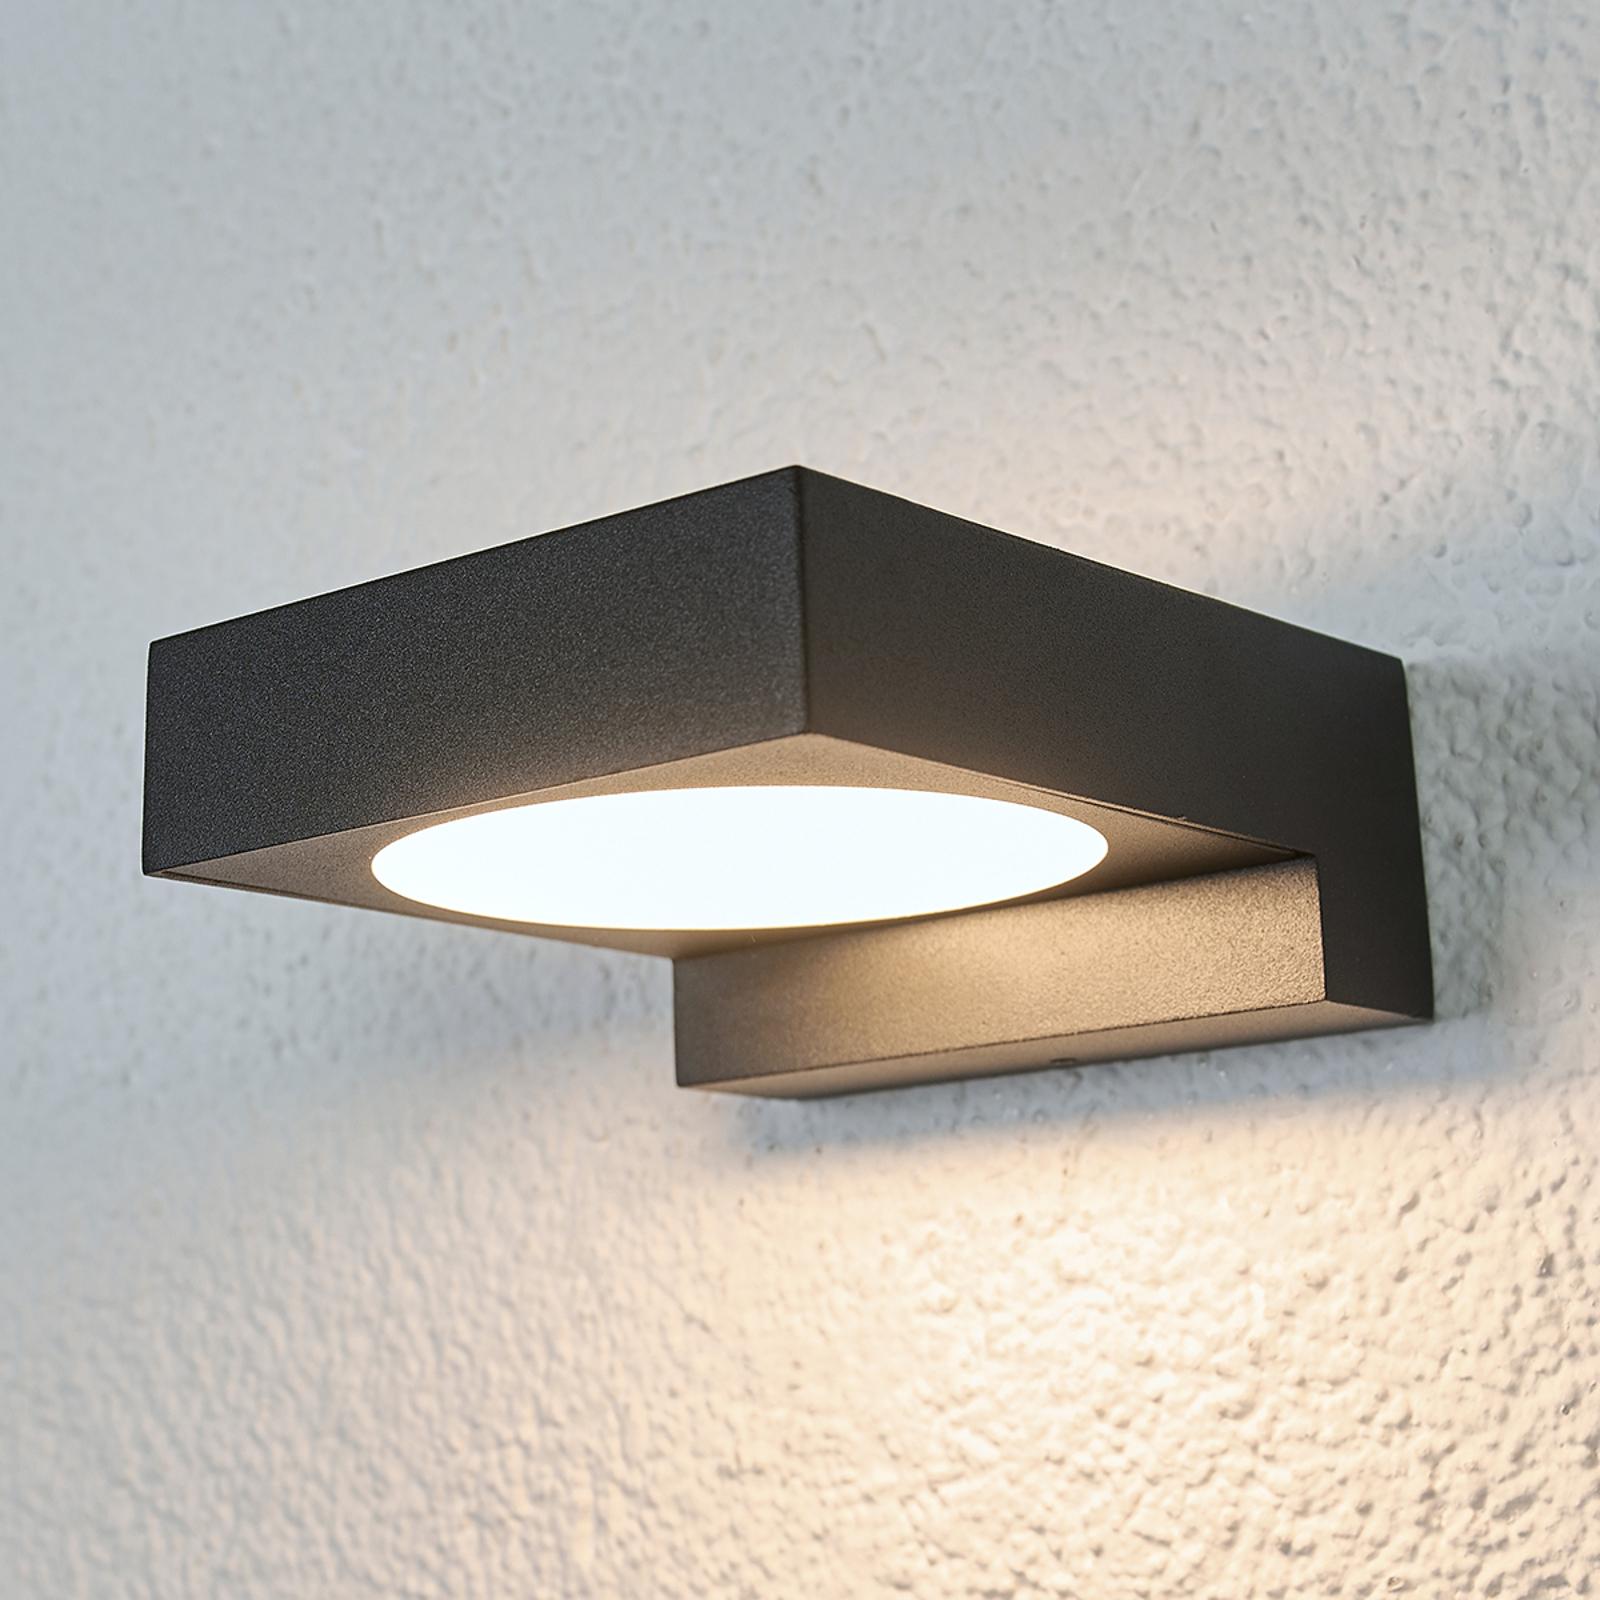 Picture of: Sort Led Lampe Til Badevaerelset Natalja Lampegiganten Dk